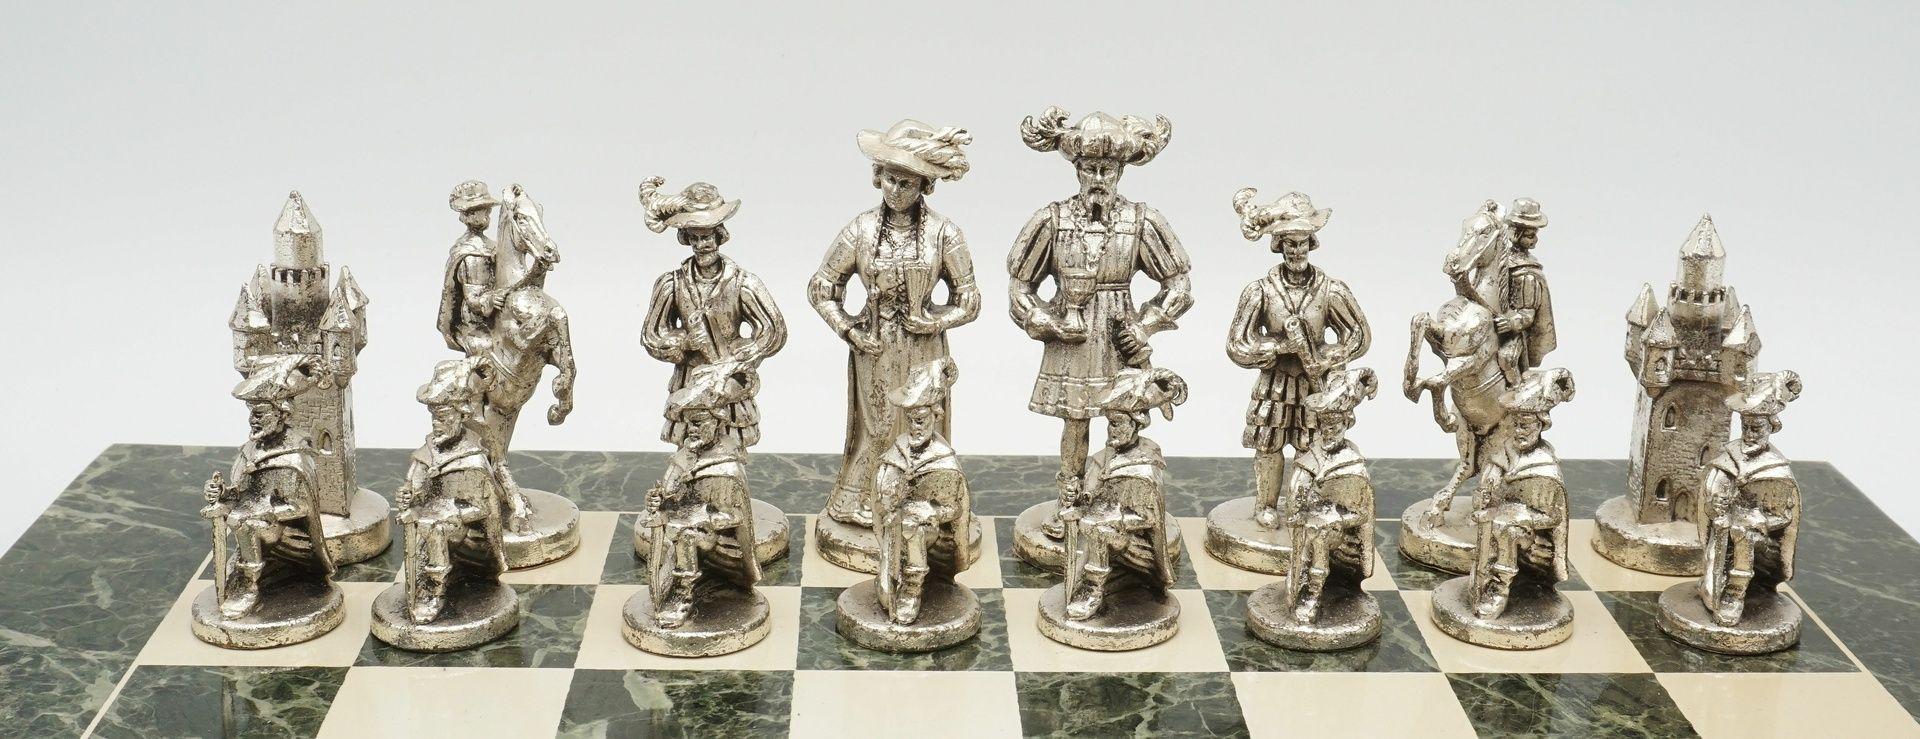 Marmor-Schachbrett mit Figuren in historischem Gewand, Ende 20. Jh. - Bild 3 aus 4